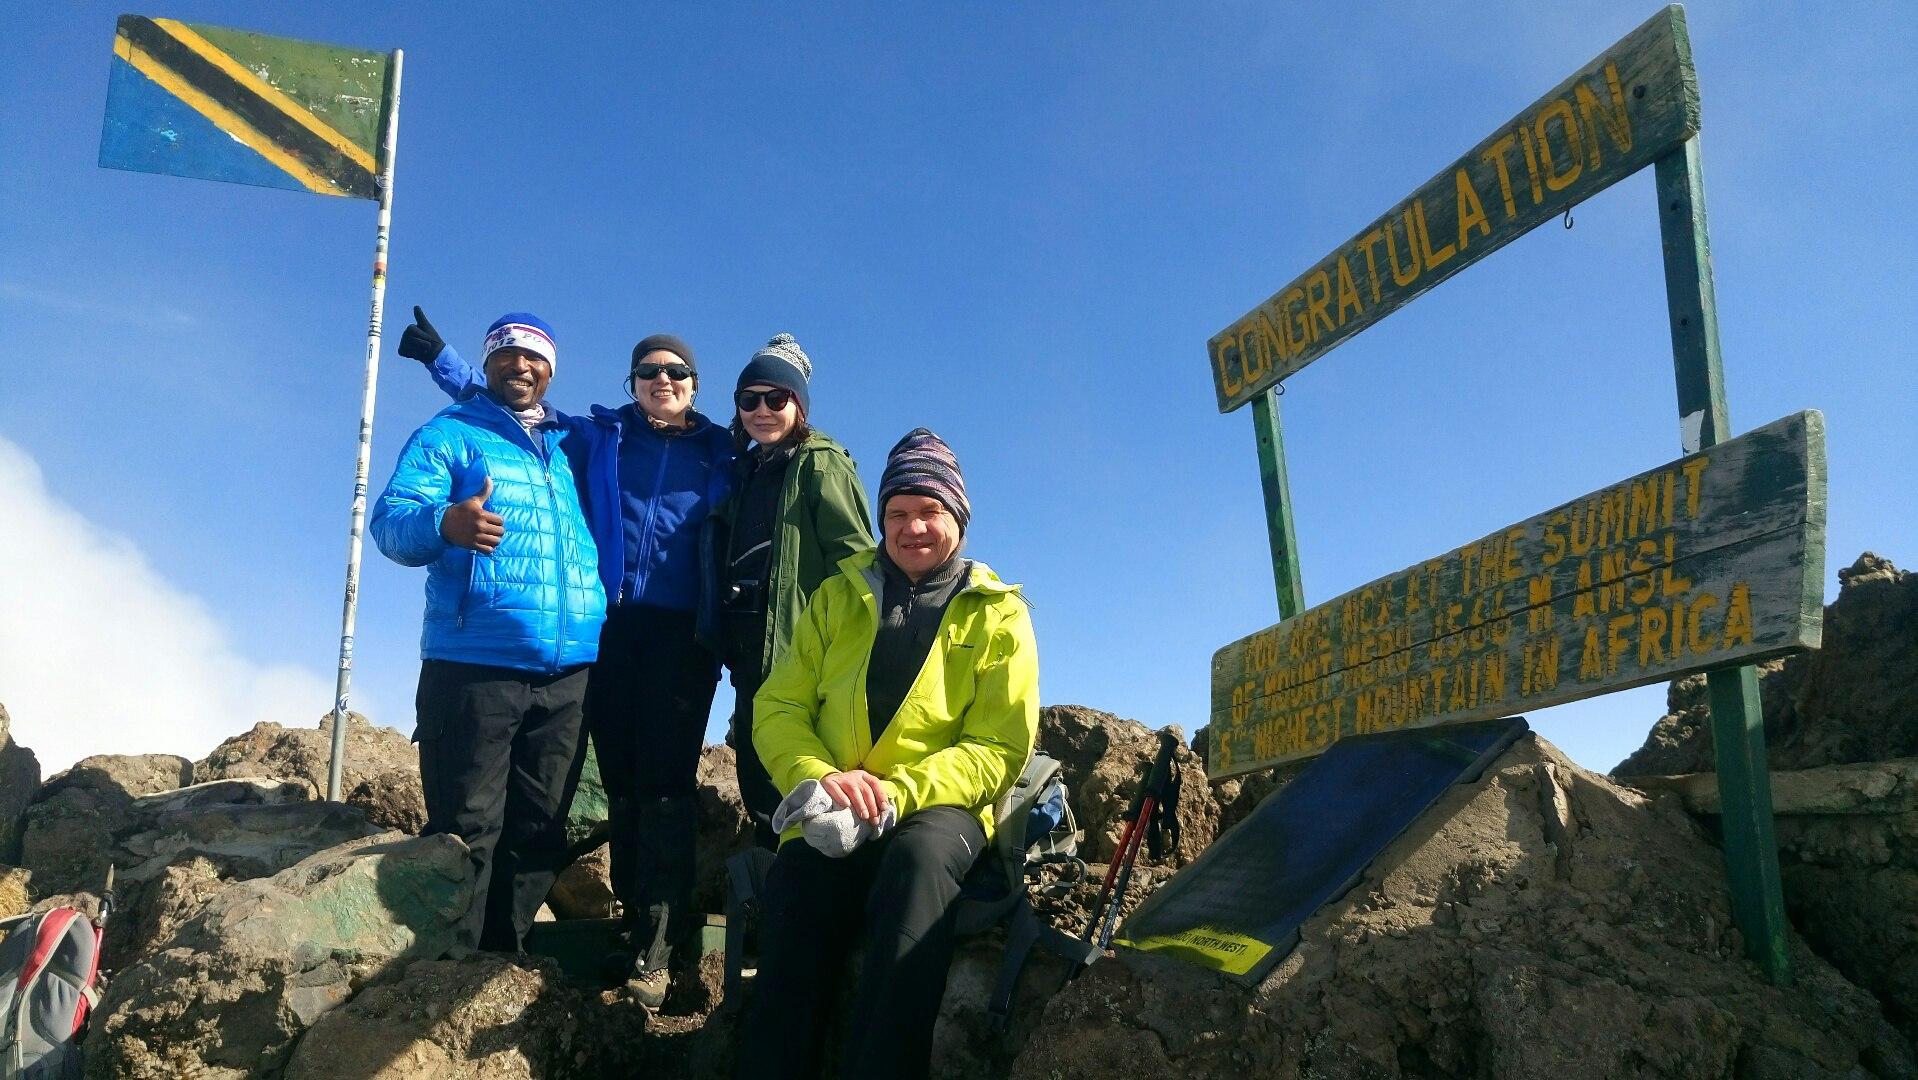 Килиманджаро, восхождение на Килиманджаро, вести с полей, активный туризм в Африке, восхождение, тур с восхождением